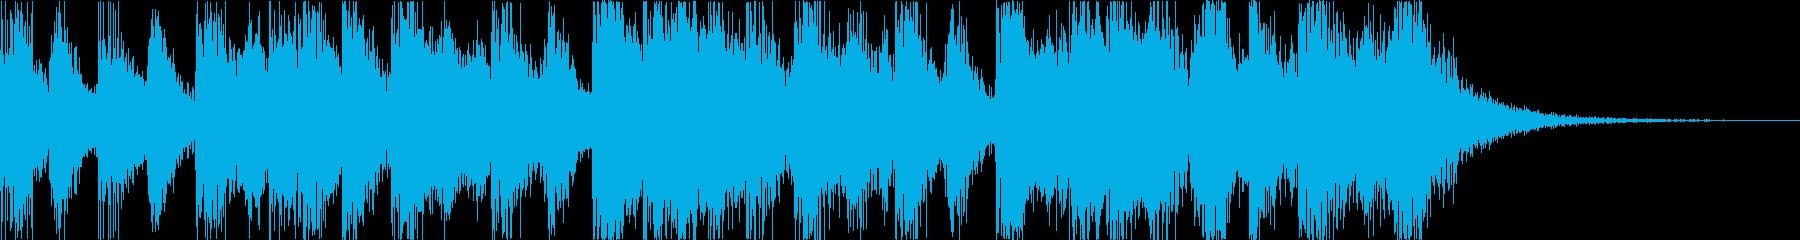 サーカスのテーマ。気まぐれなシュマ...の再生済みの波形